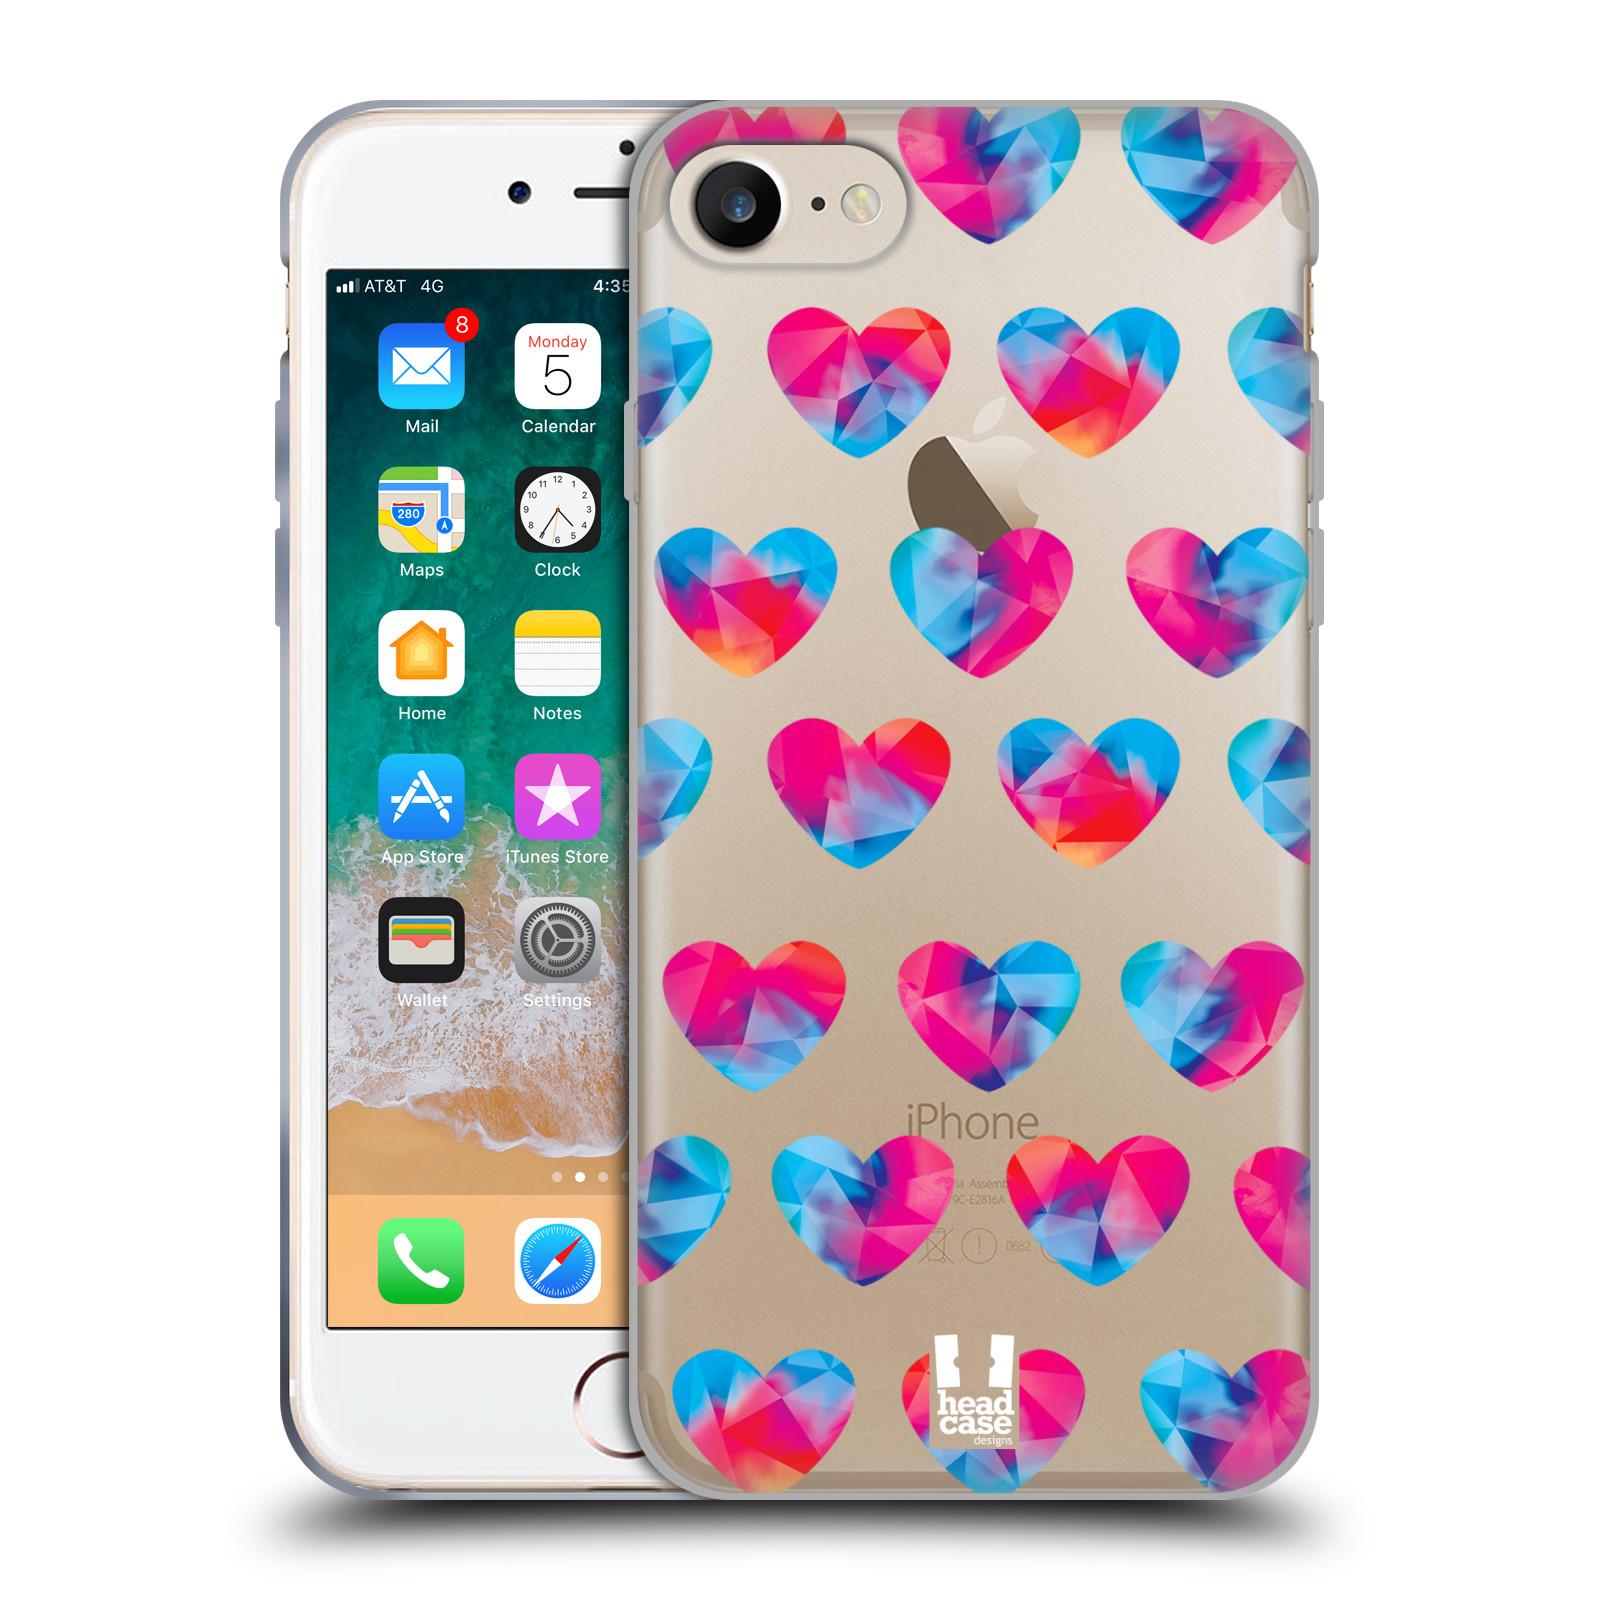 Silikonové pouzdro na mobil Apple iPhone 7 - Head Case - Srdíčka hrající barvami